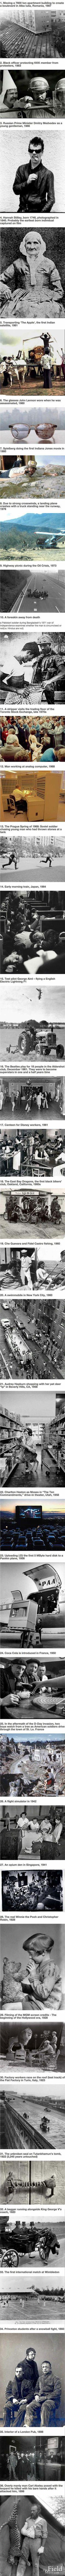 Beeindruckende historische Bilder